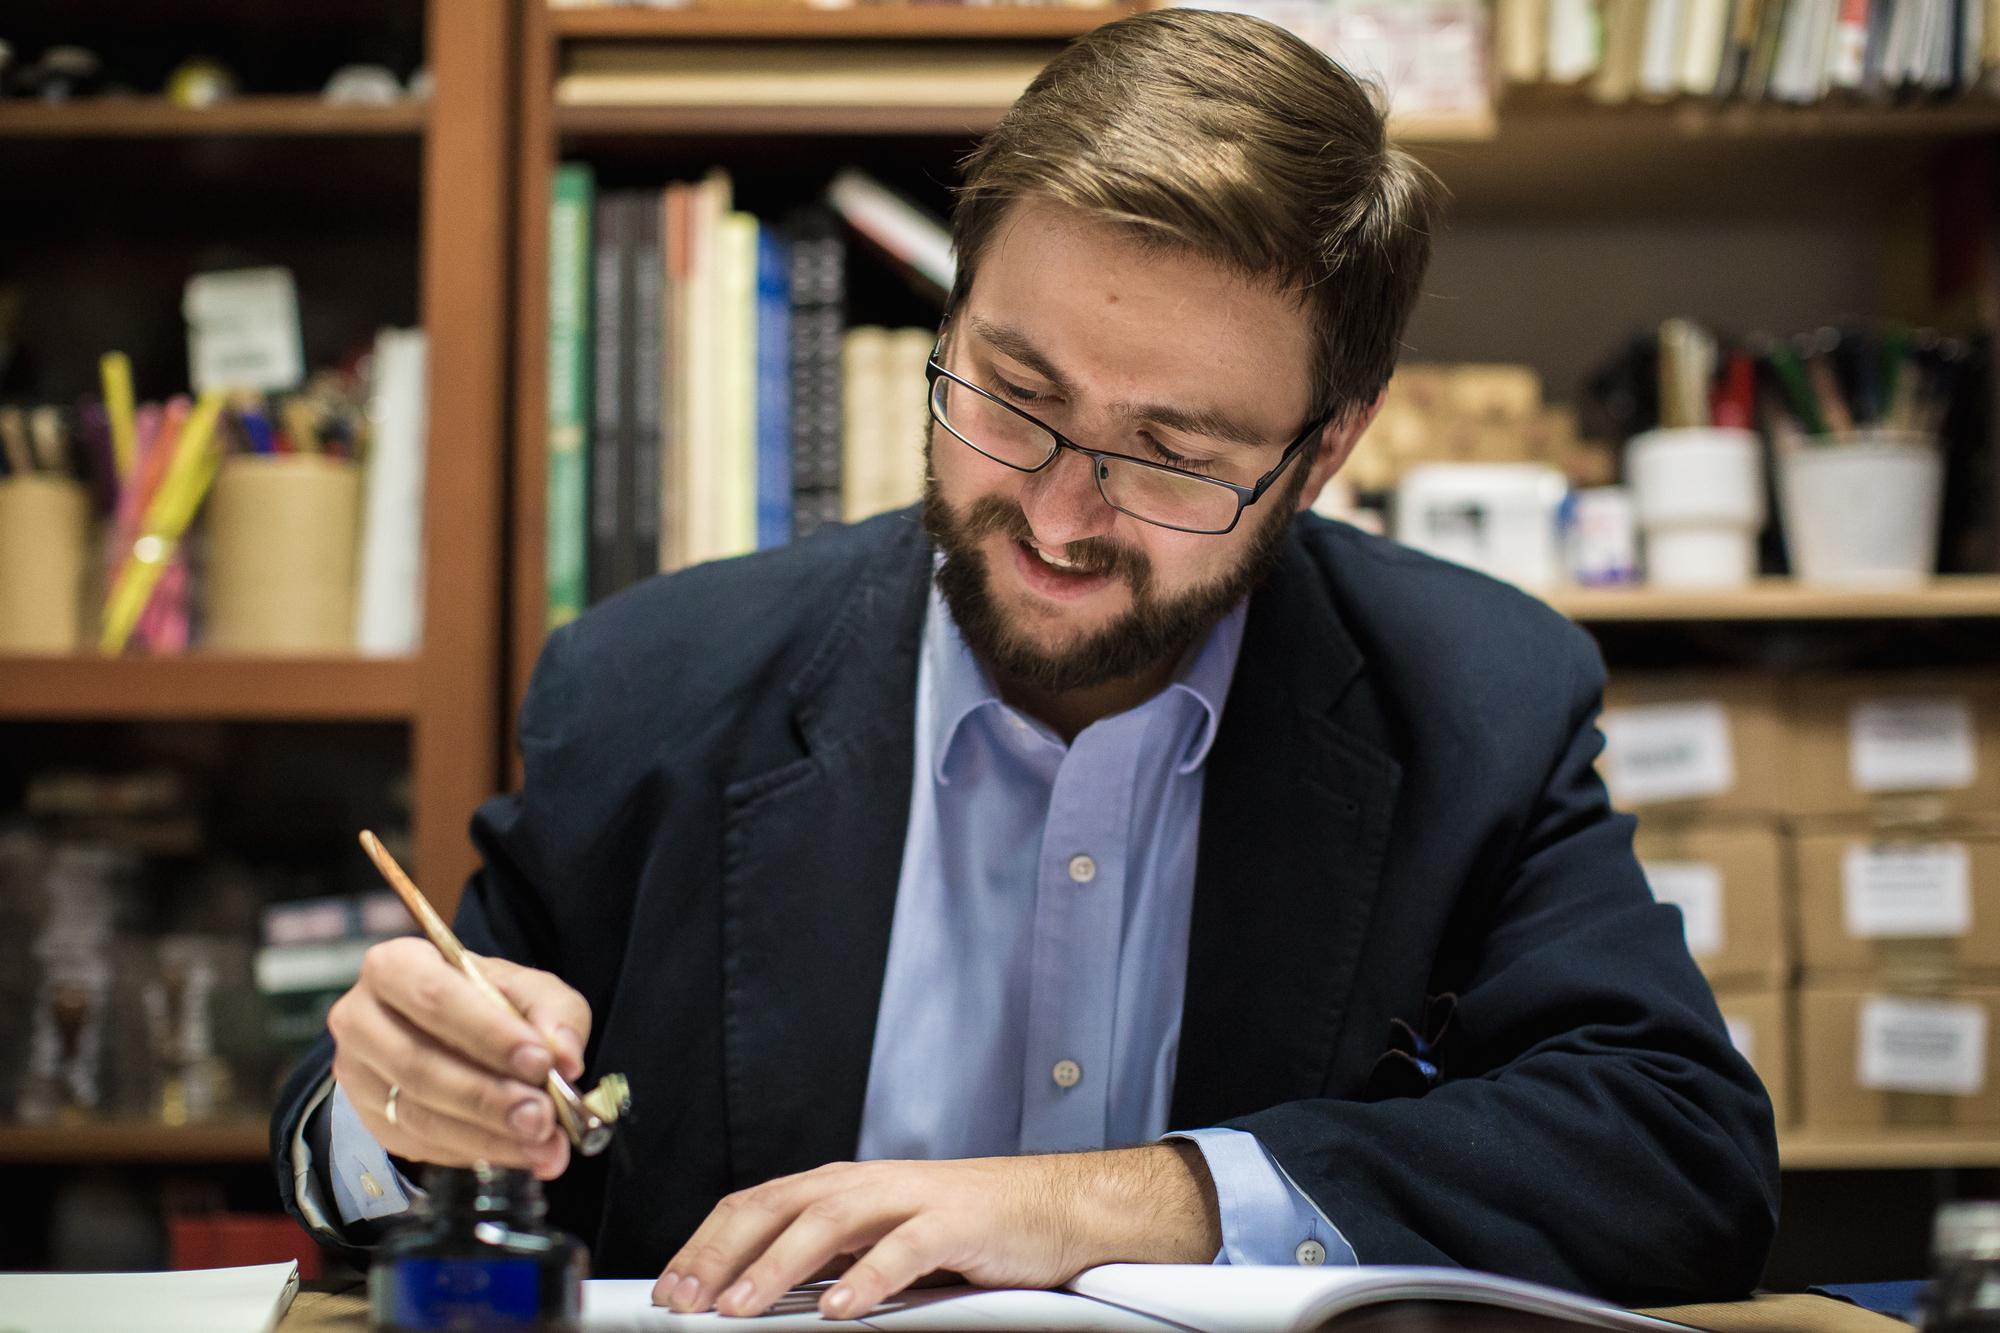 Grzegorz Barasiński - kaligraf i nauczyciel w jednej osobie.